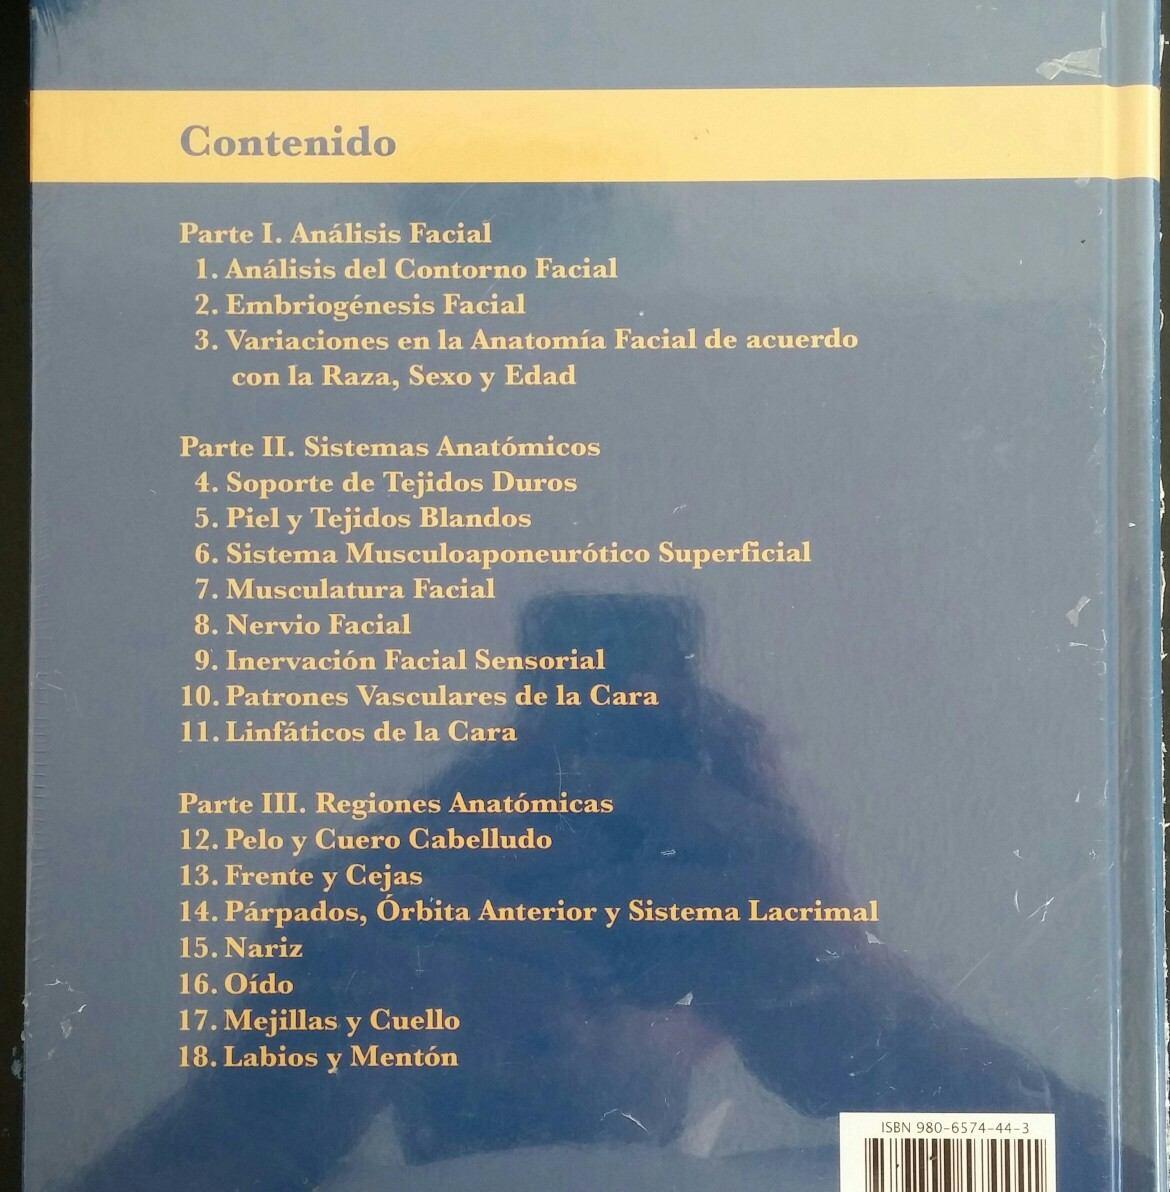 Lujo Anatomía De Un Inodoro Colección de Imágenes - Imágenes de ...